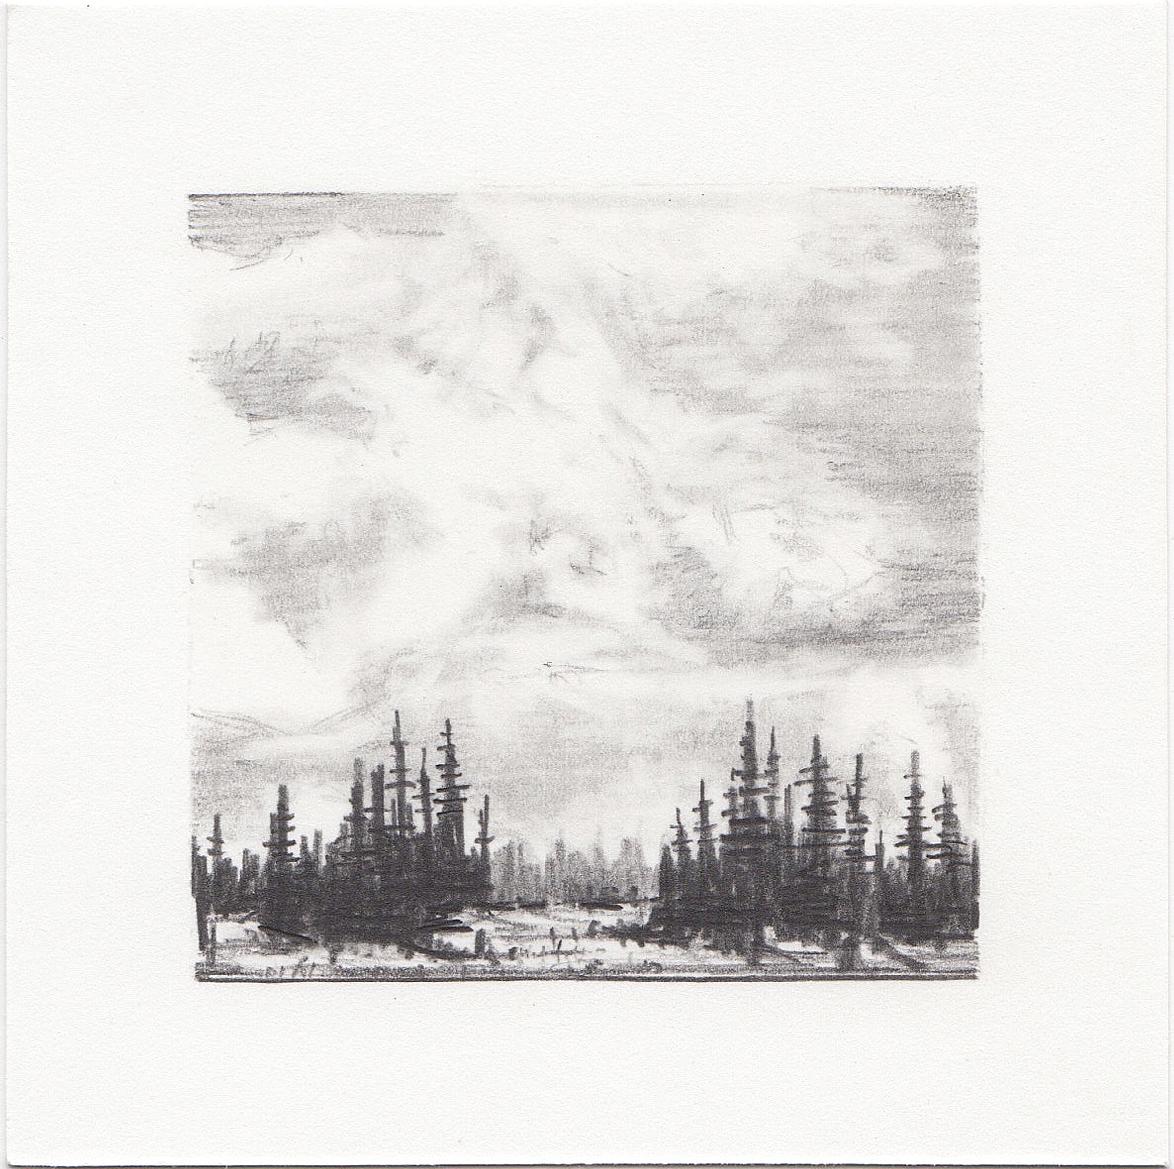 #6 Long Lake, Uinta Mountains, Utah | 3x3 | graphite